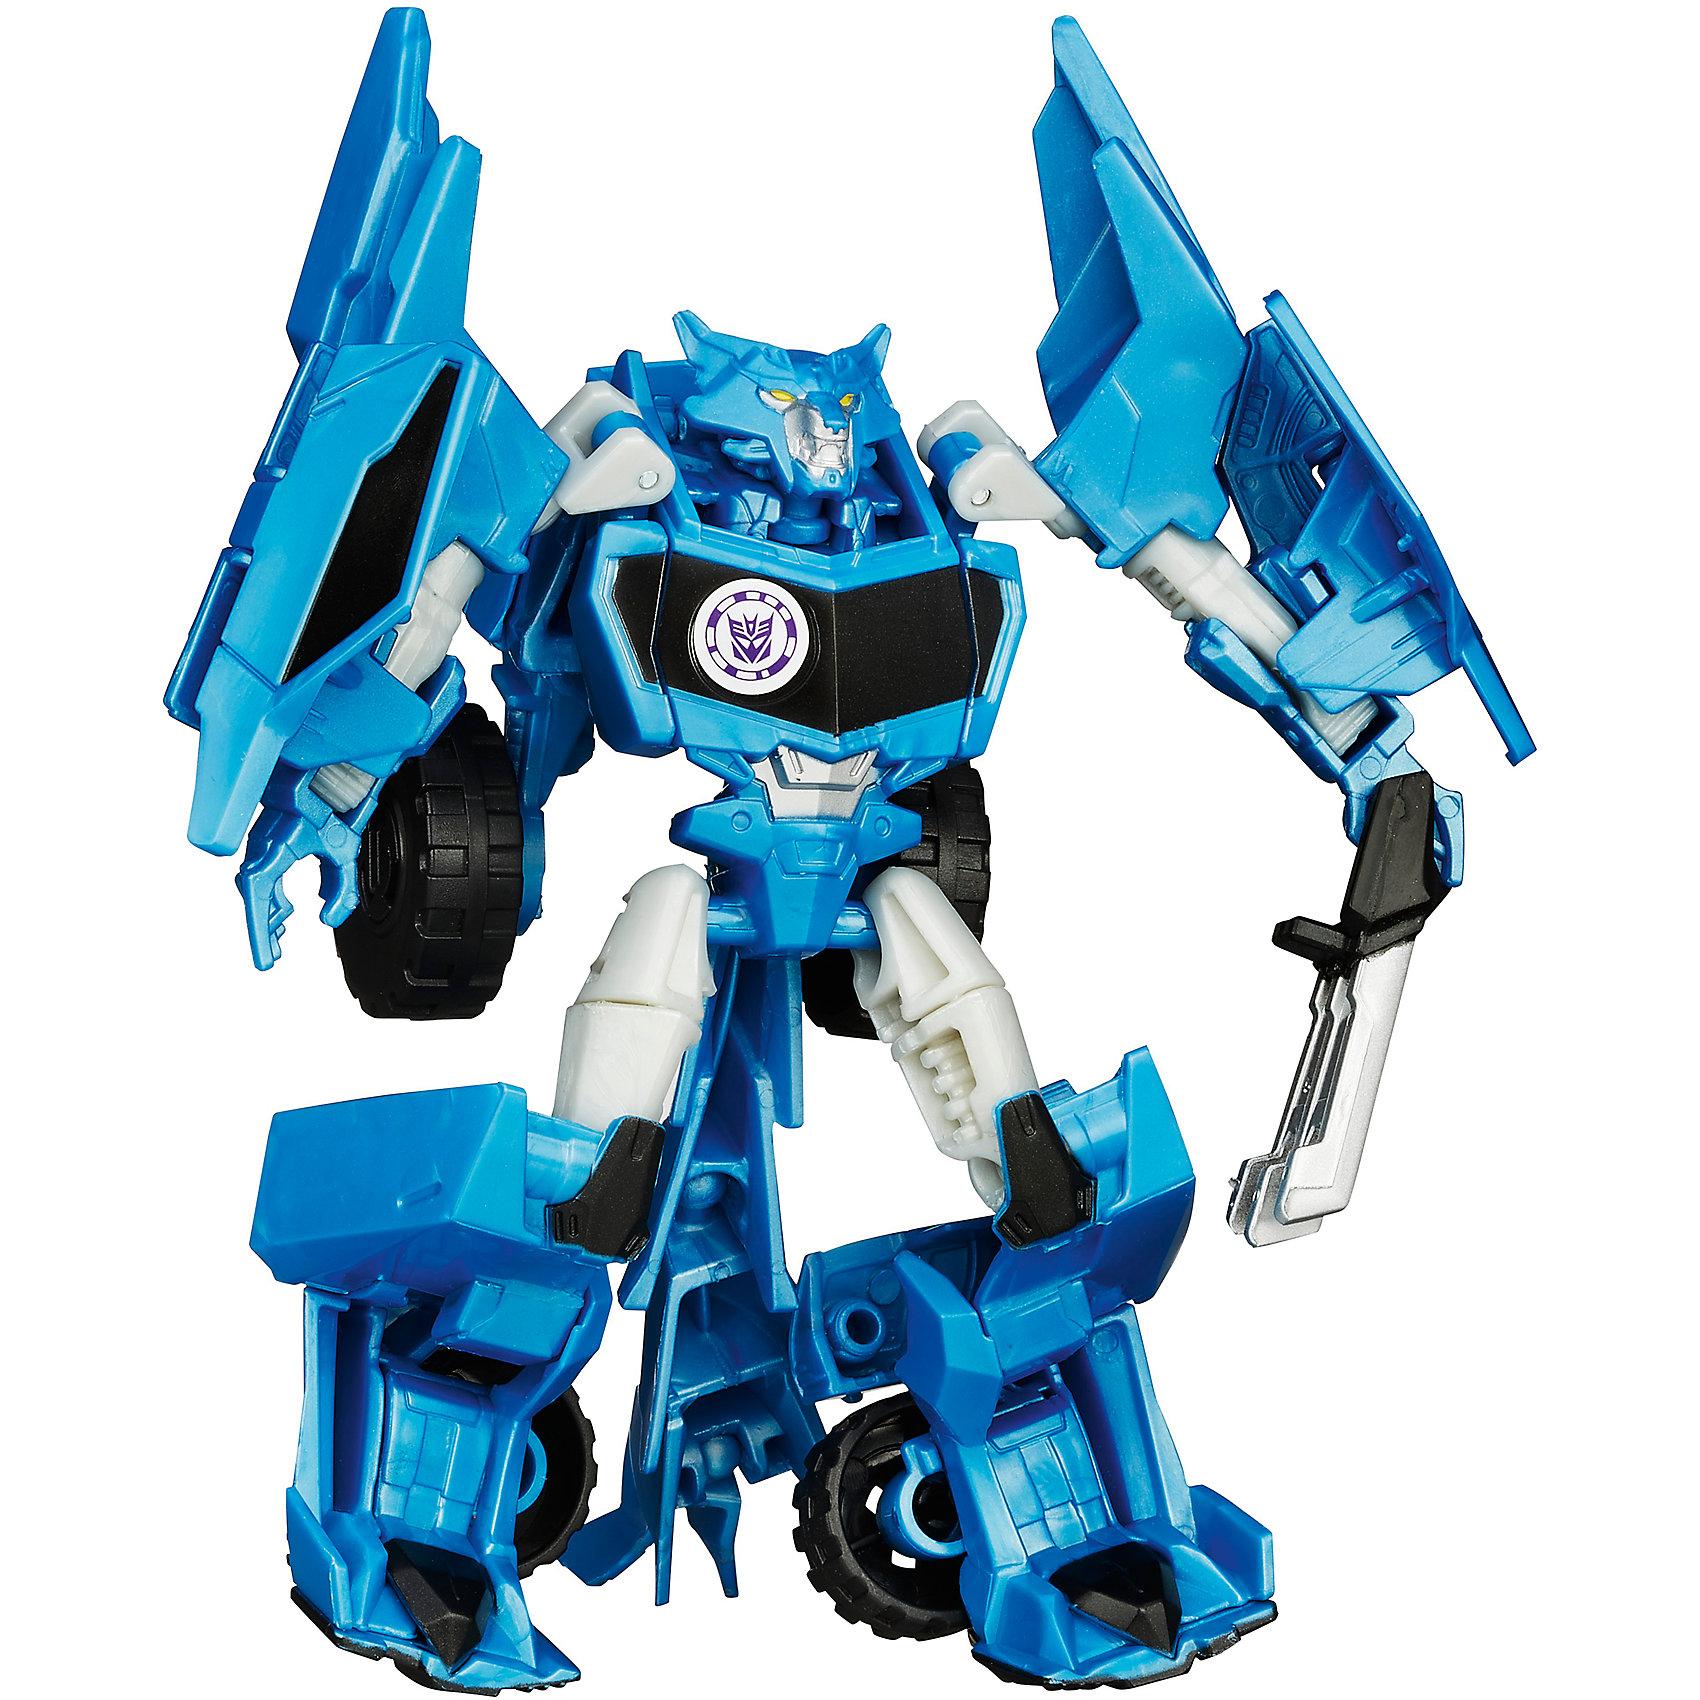 Стилджо, Роботс-ин-Дисгайс  Войны, ТрансформерыИгрушки<br>Любимый персонаж Стилджо прекрасно  умеет атаковать противника. Трансформируется в бронированную машину. Высокий уровень детализации и не увлекательная трансформация в 8 шагов обязательно понравятся вашему ребенку. Эта игрушка не только понравится всем мальчишкам, она поможет развить мелкую моторику, внимание и фантазию ребенка. Выполнена из высококачественного прочного пластика, безопасного для детей.<br><br>Дополнительная информация:<br><br>- Материал: пластик.<br>- Размер: 12 см. <br>- Оружие в комплекте. <br><br>Стилджо, Роботс-ин-Дисгайс  Войны, Трансформеры (Transformers) можно купить в нашем магазине.<br><br>Ширина мм: 64<br>Глубина мм: 165<br>Высота мм: 254<br>Вес г: 290<br>Возраст от месяцев: 72<br>Возраст до месяцев: 192<br>Пол: Мужской<br>Возраст: Детский<br>SKU: 3971710